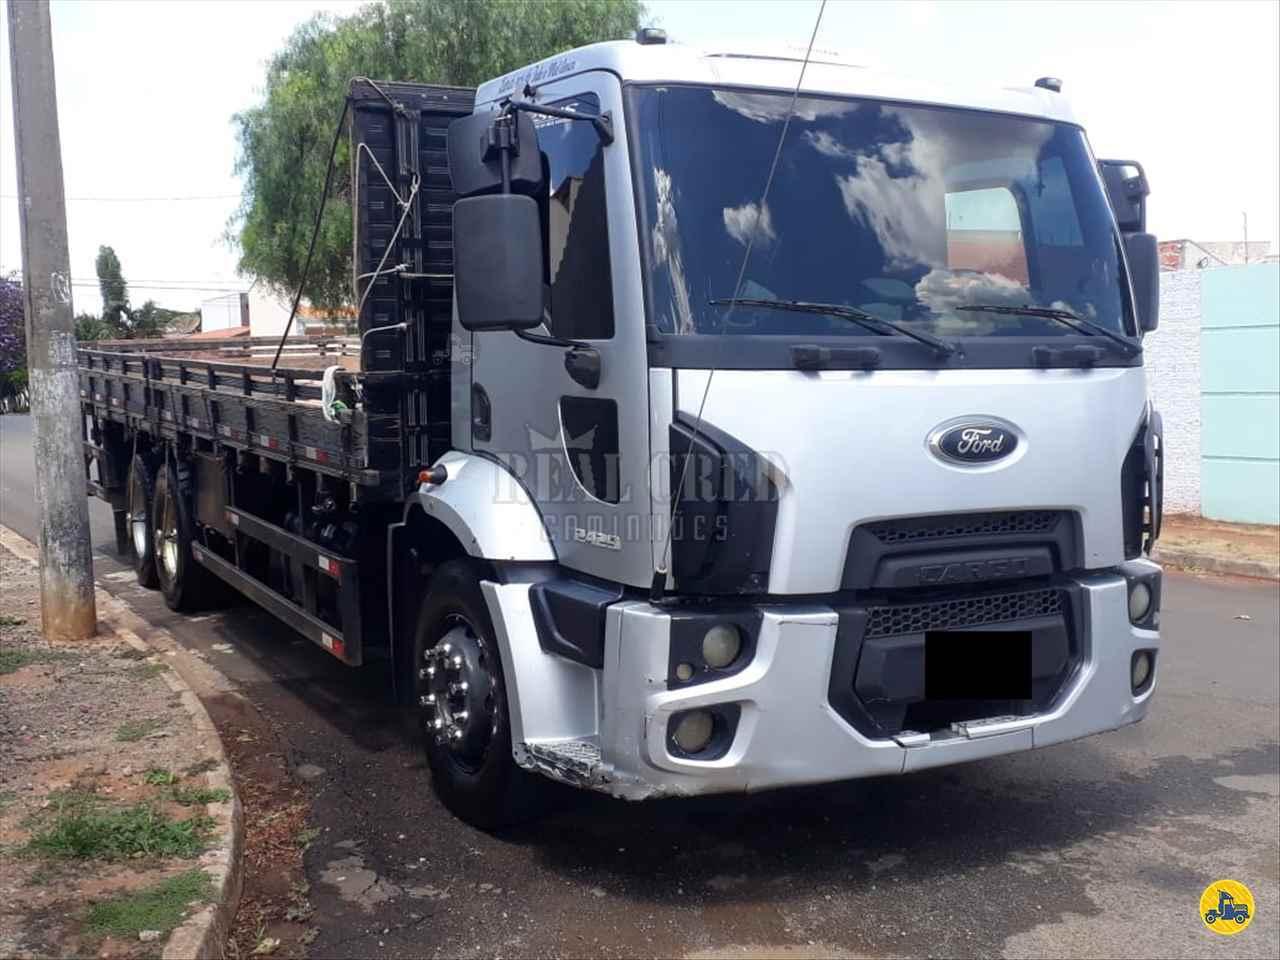 CAMINHAO FORD CARGO 2429 Carga Seca Truck 6x2 Real Cred Caminhões PIEDADE SÃO PAULO SP